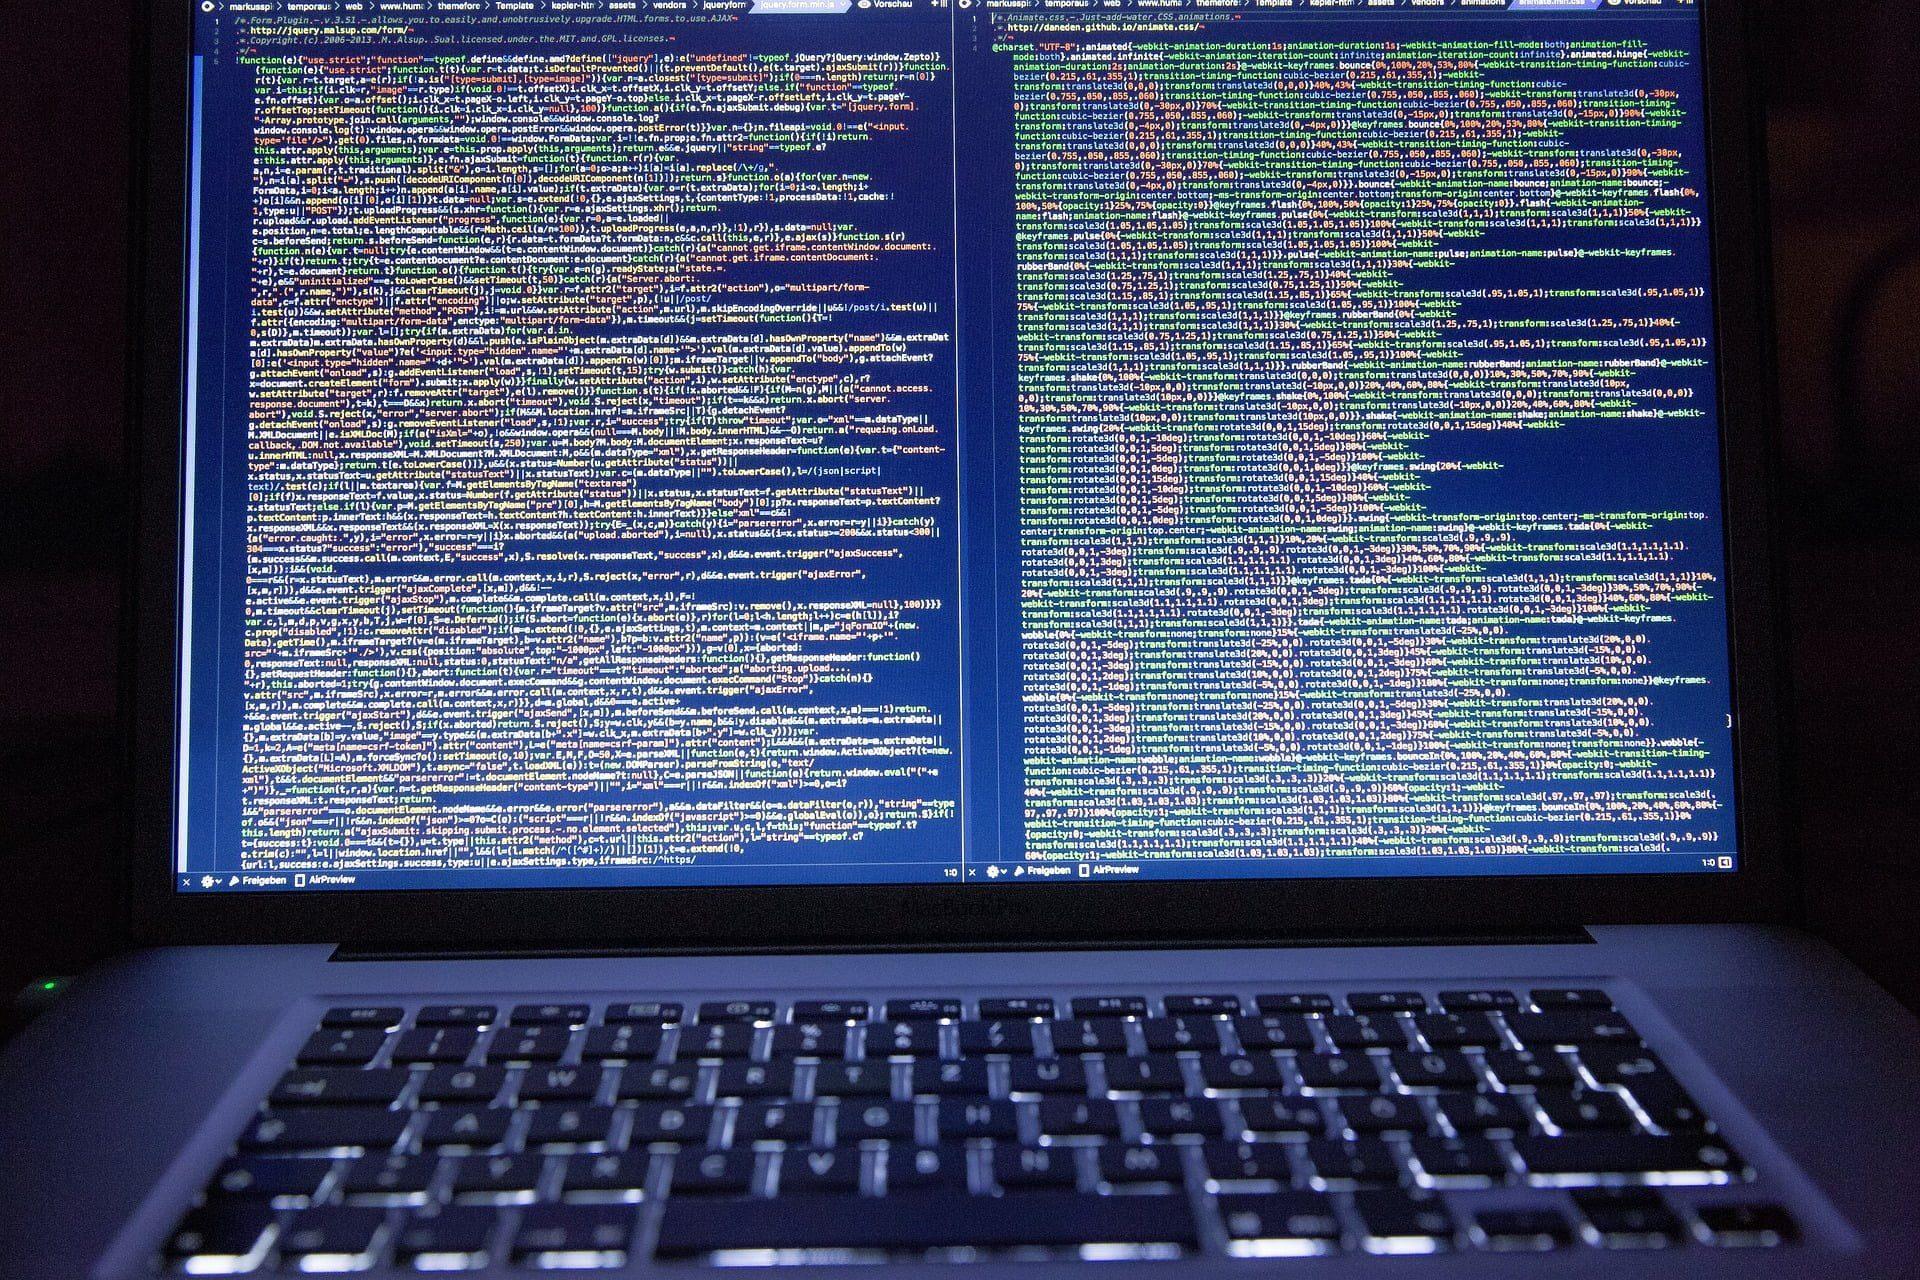 atacuri cibernetice prin email  Atacuri cibernetice atacuri cibernetice prin email